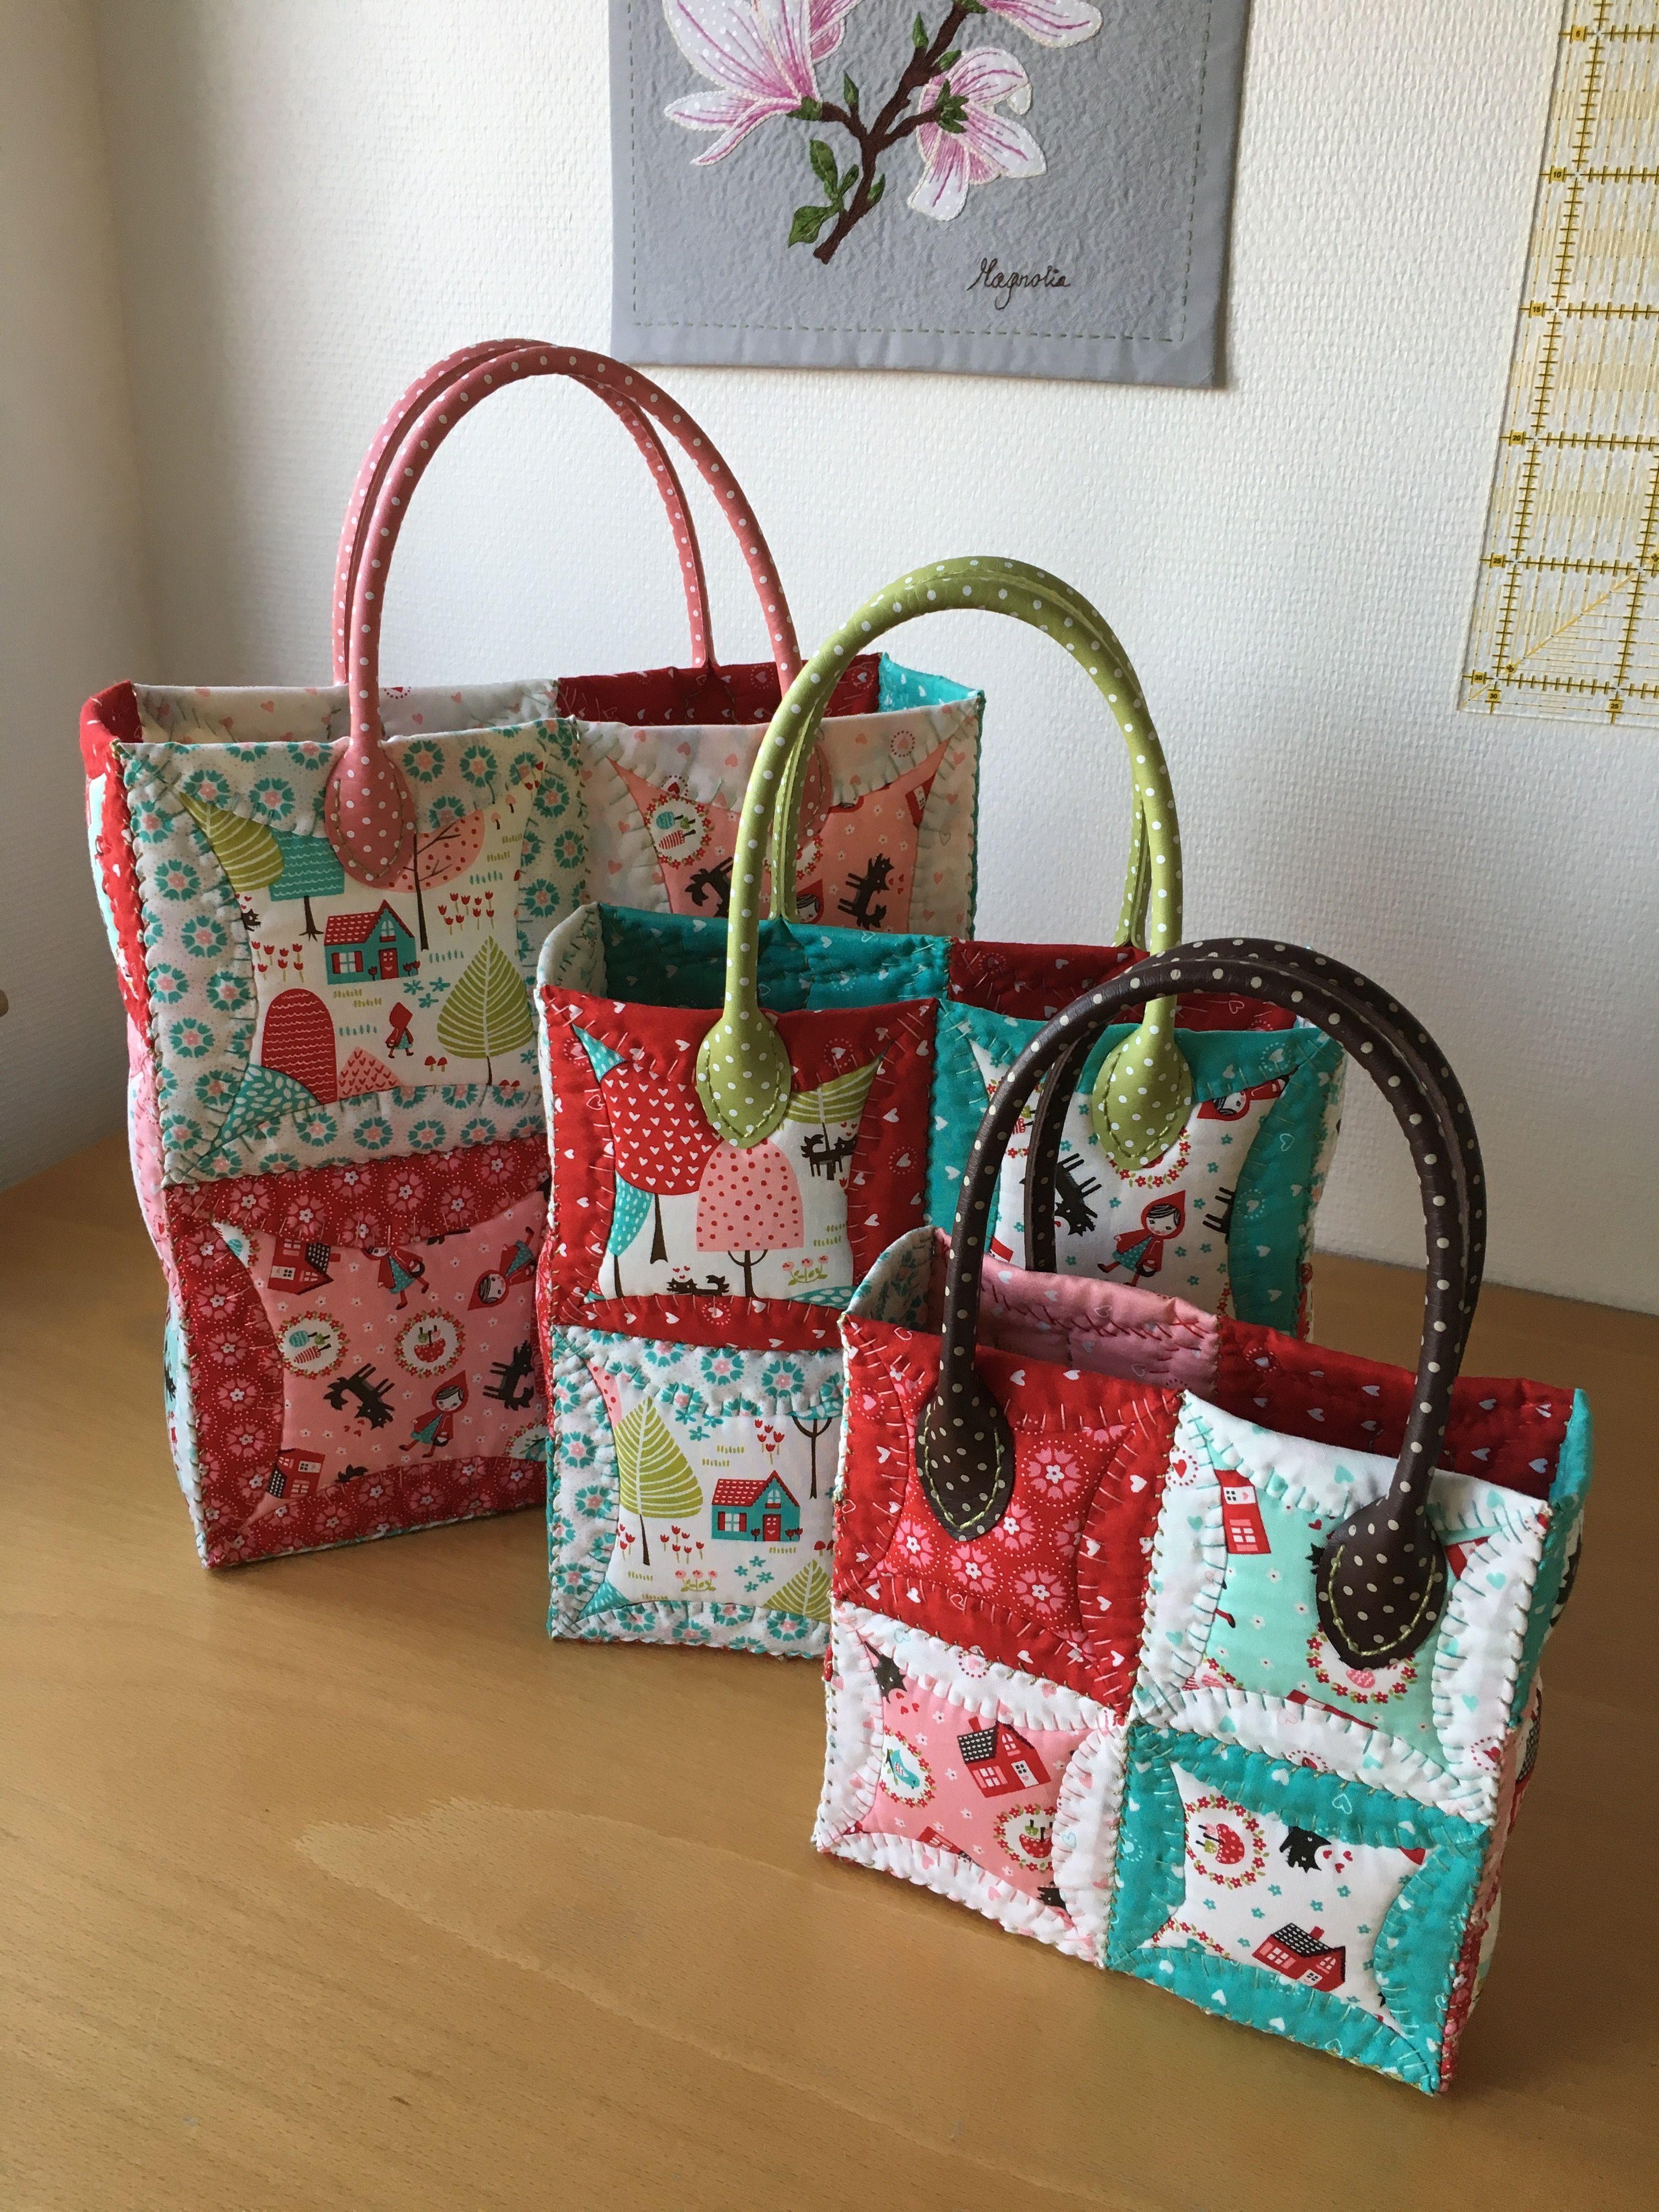 Tre sjove tasker syet 100% i hånden - japansk foldeteknik med Soft and stable inden i - quiltet med parallelle quiltesting i varierende længder, syet sammen med hollandsk kastning.